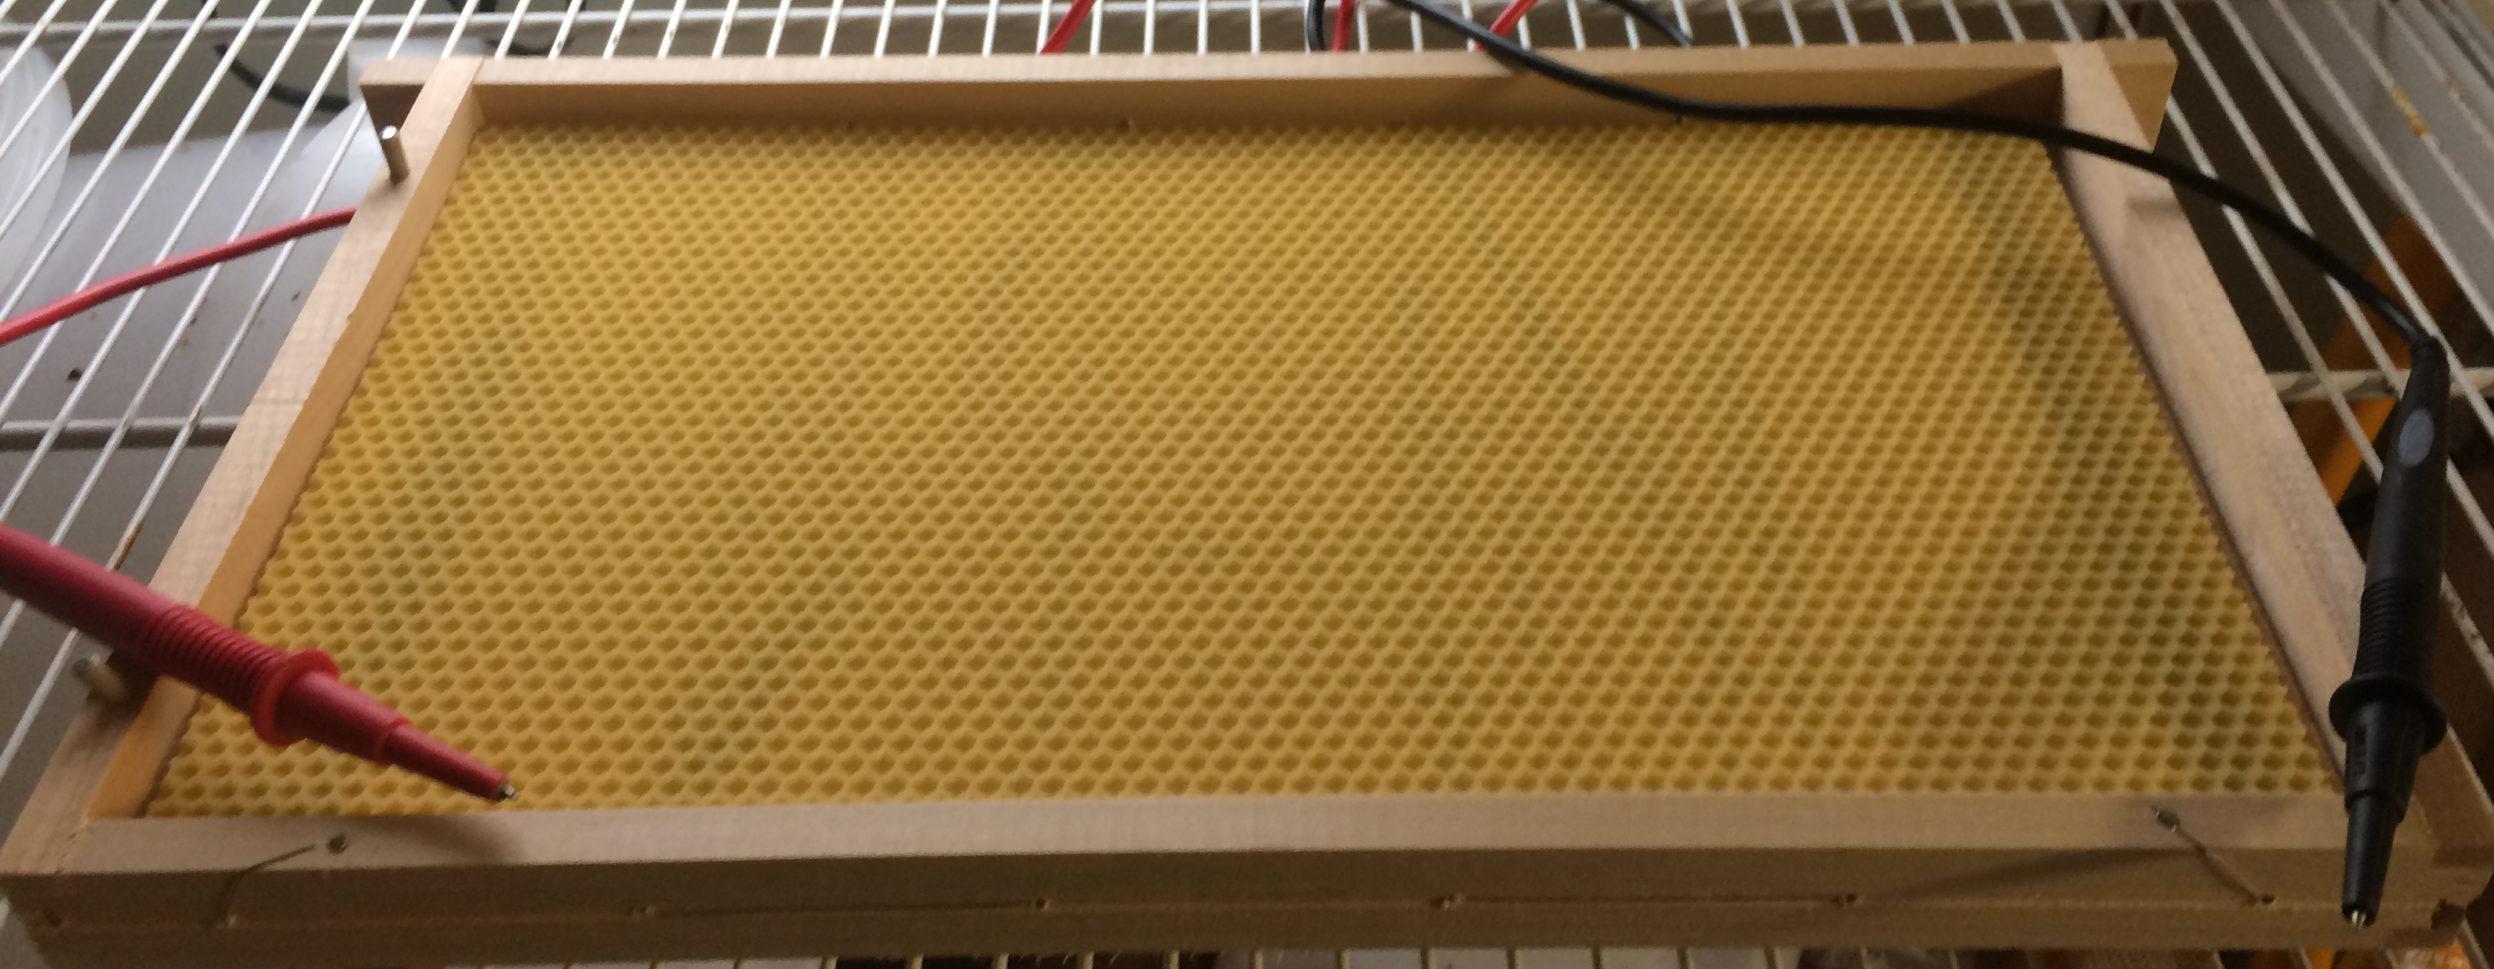 Vaxning av ram till bikupa